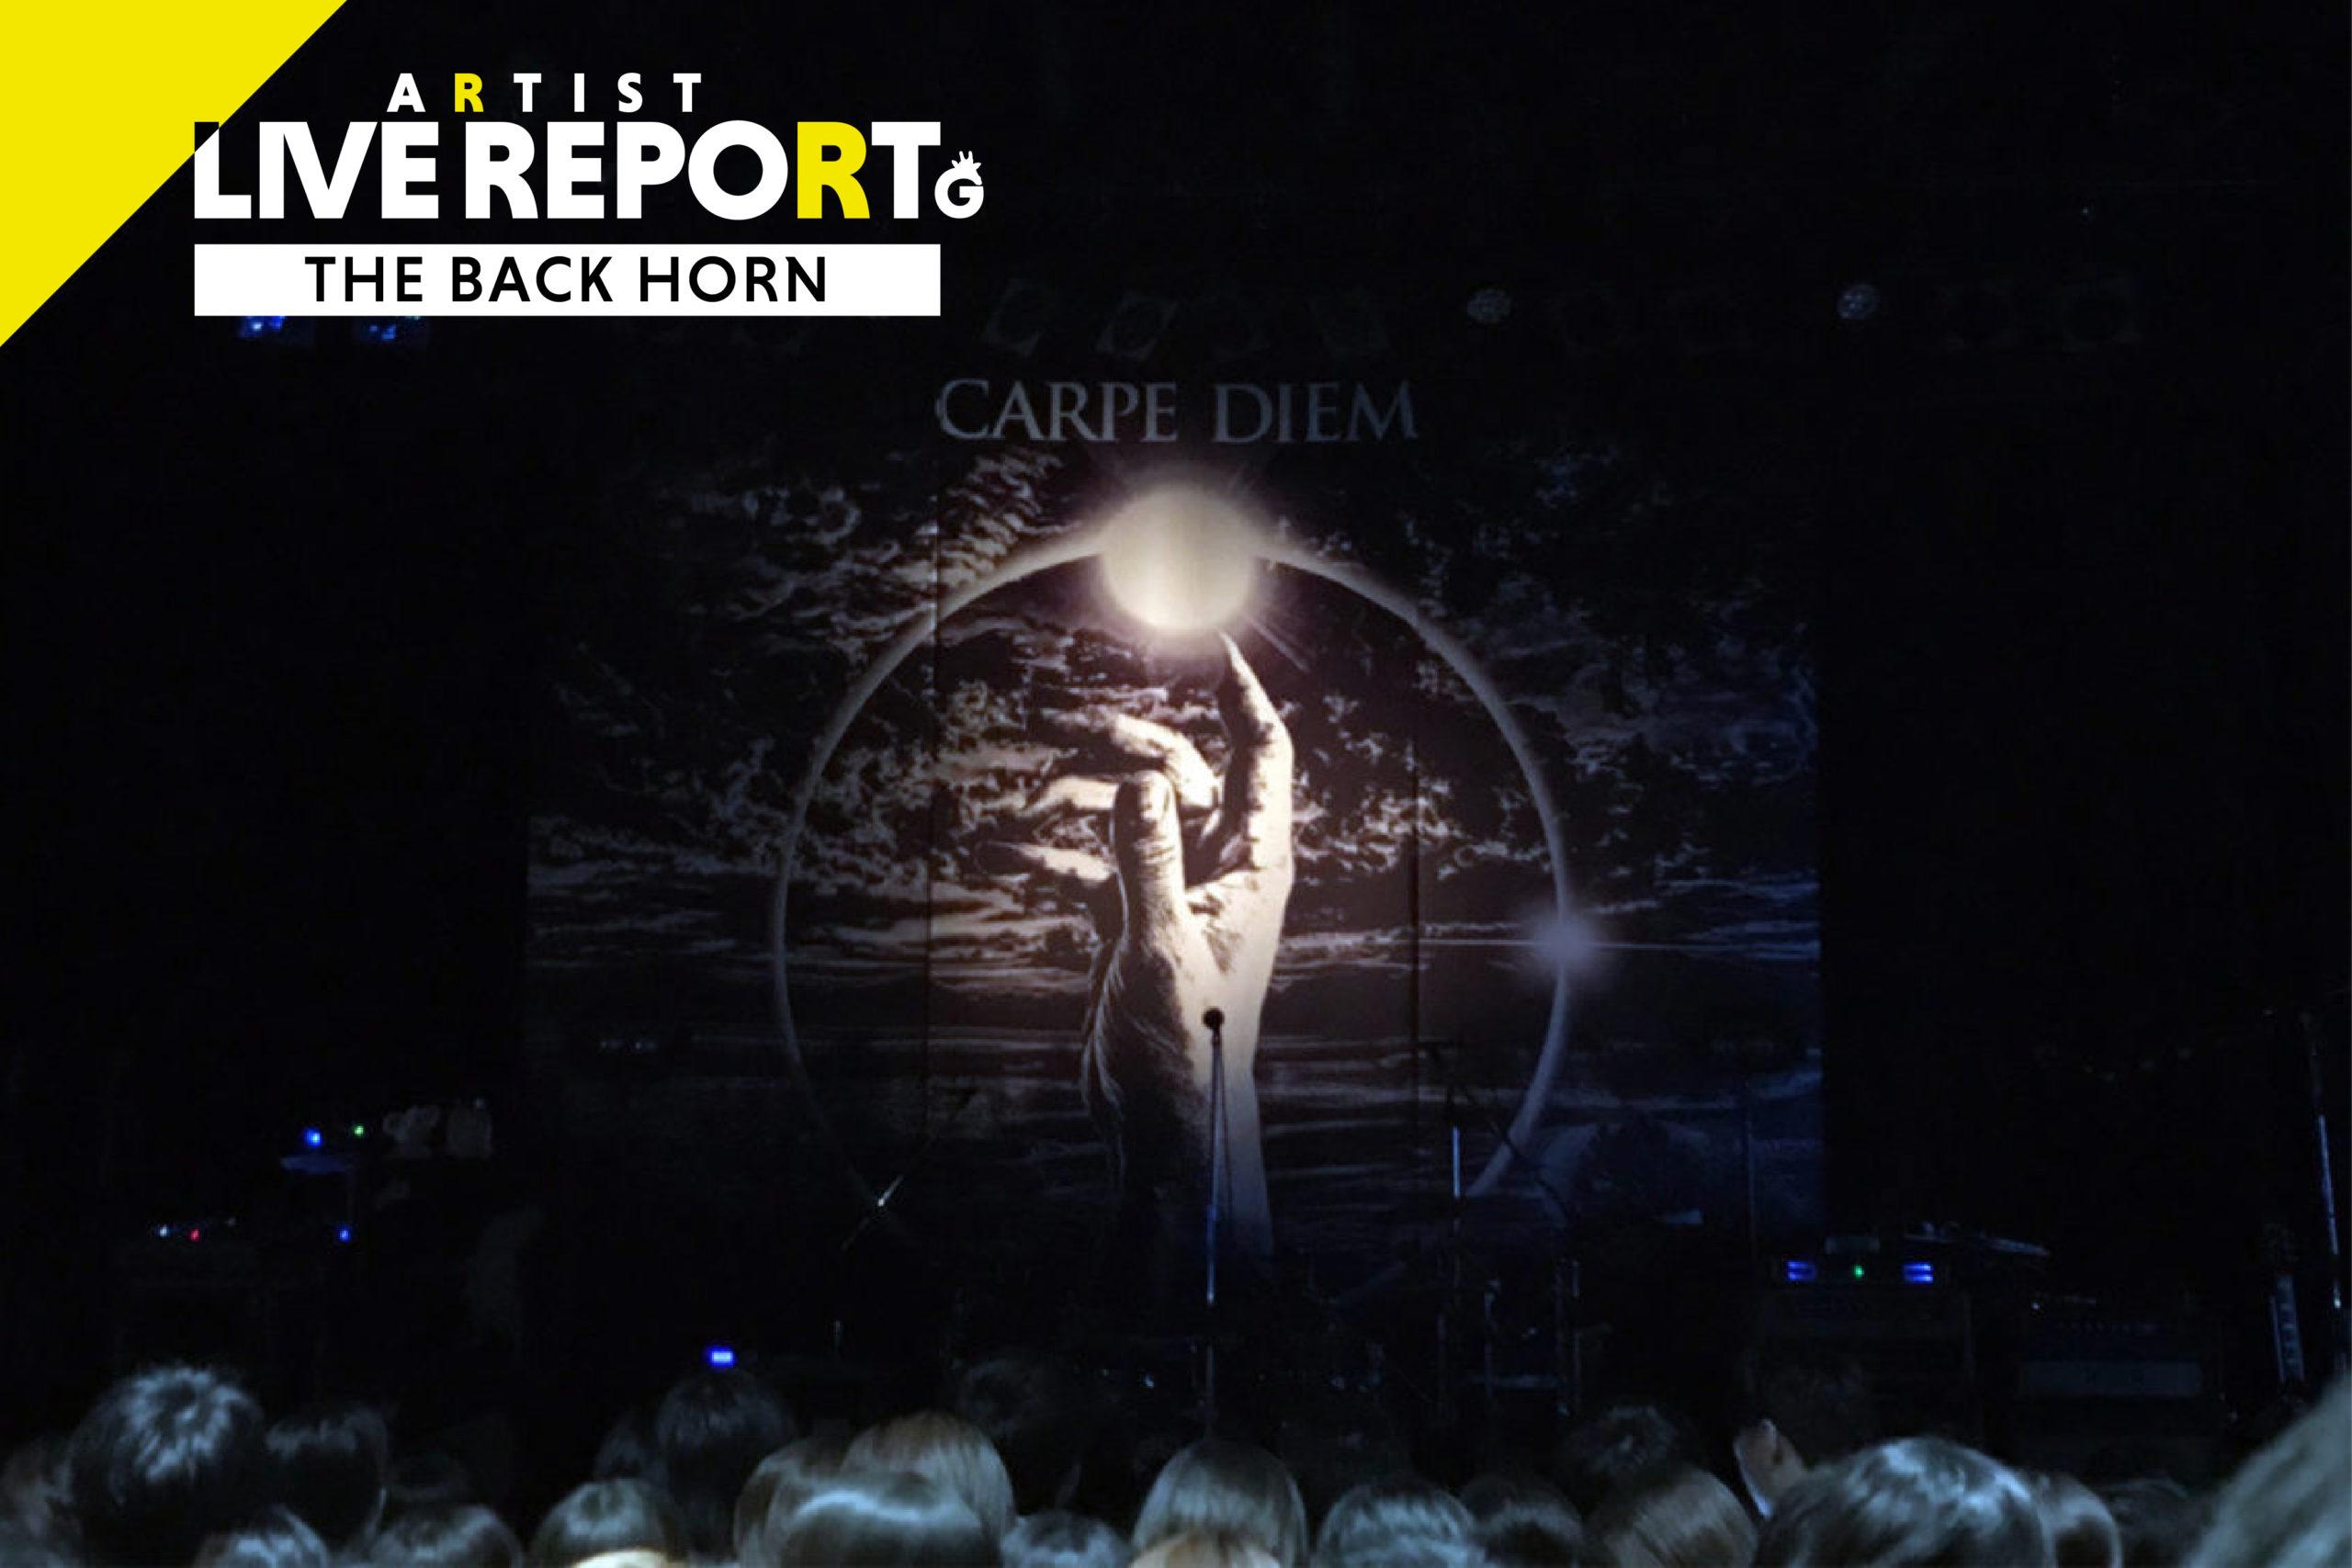 「生きるための音楽を。THE BACK HORN『カルぺ・ディエム〜今を掴め〜』 2019.11.18 渋谷WWW Xライブレポート」のアイキャッチ画像